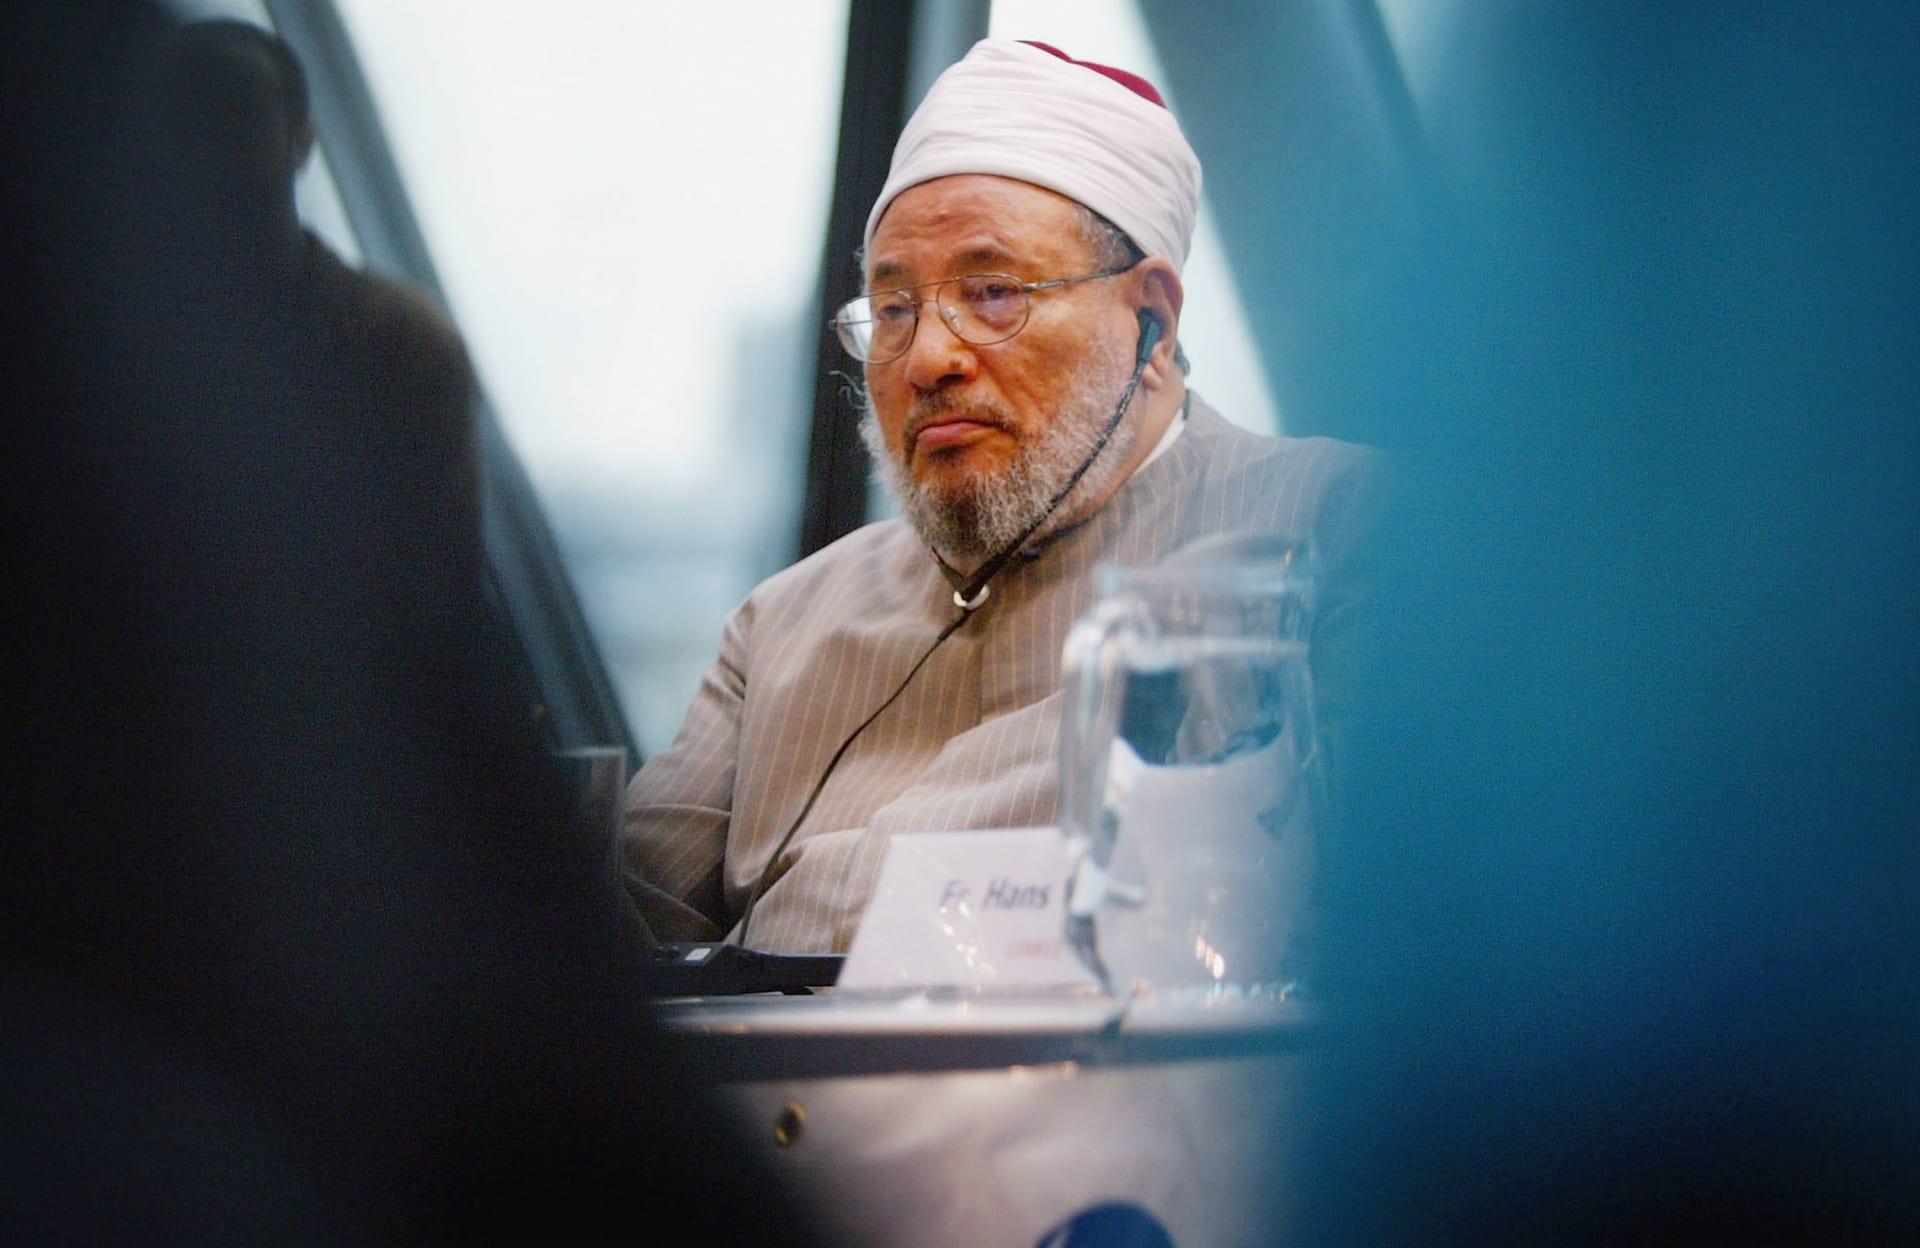 """""""العمامة بدلا من البرنيطة"""".. القرضاوي يثير الجدل بتغريدة حول """"ريح الإسلام"""" والغرب"""